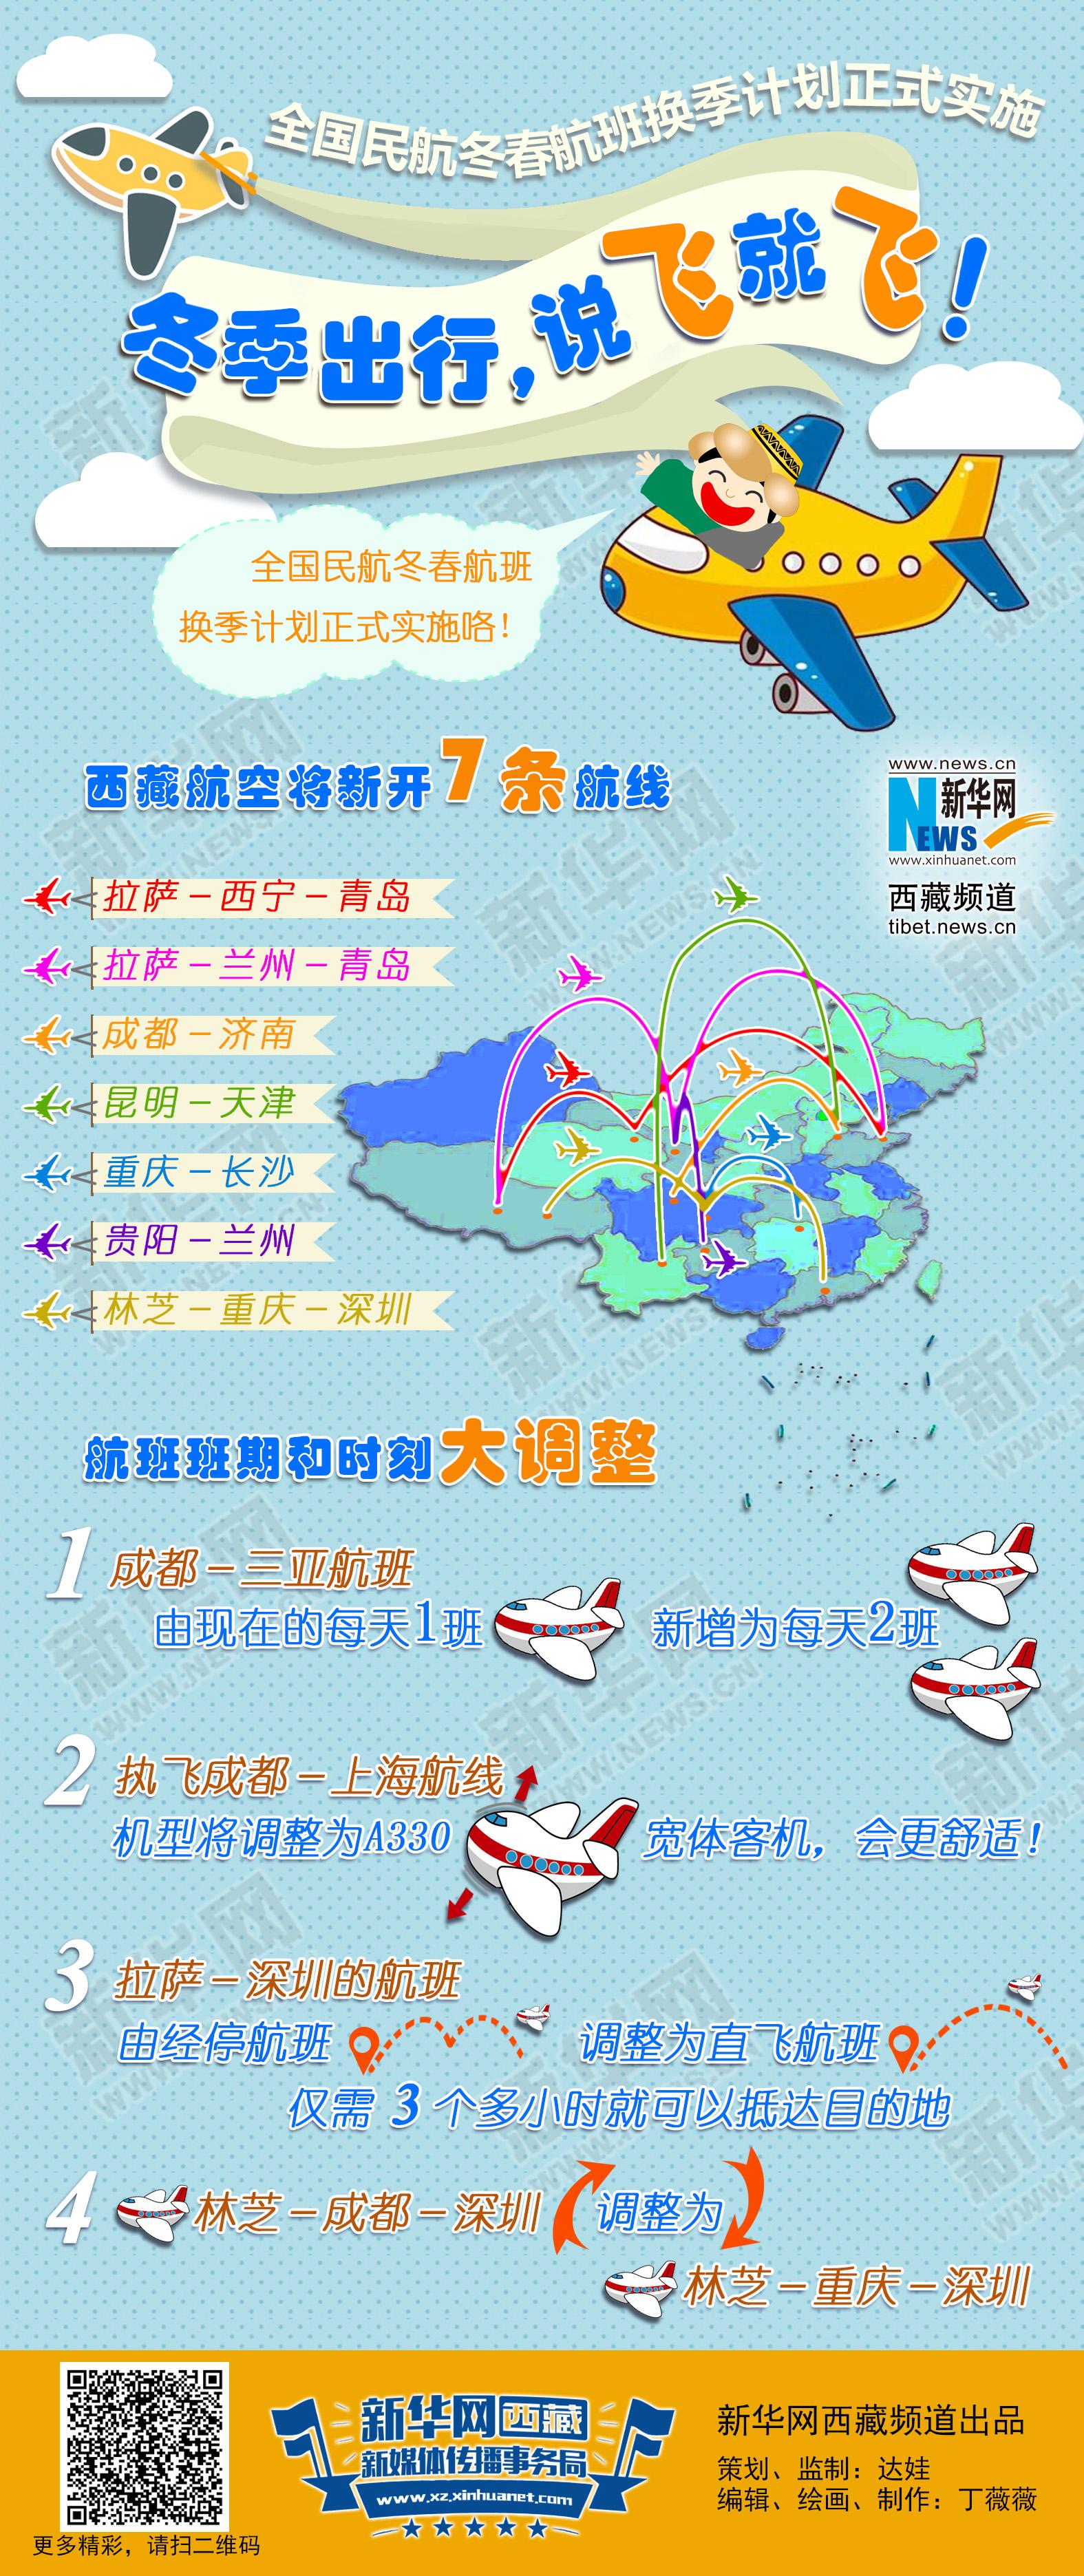 国际民航日:从此山不再高 路不再漫长